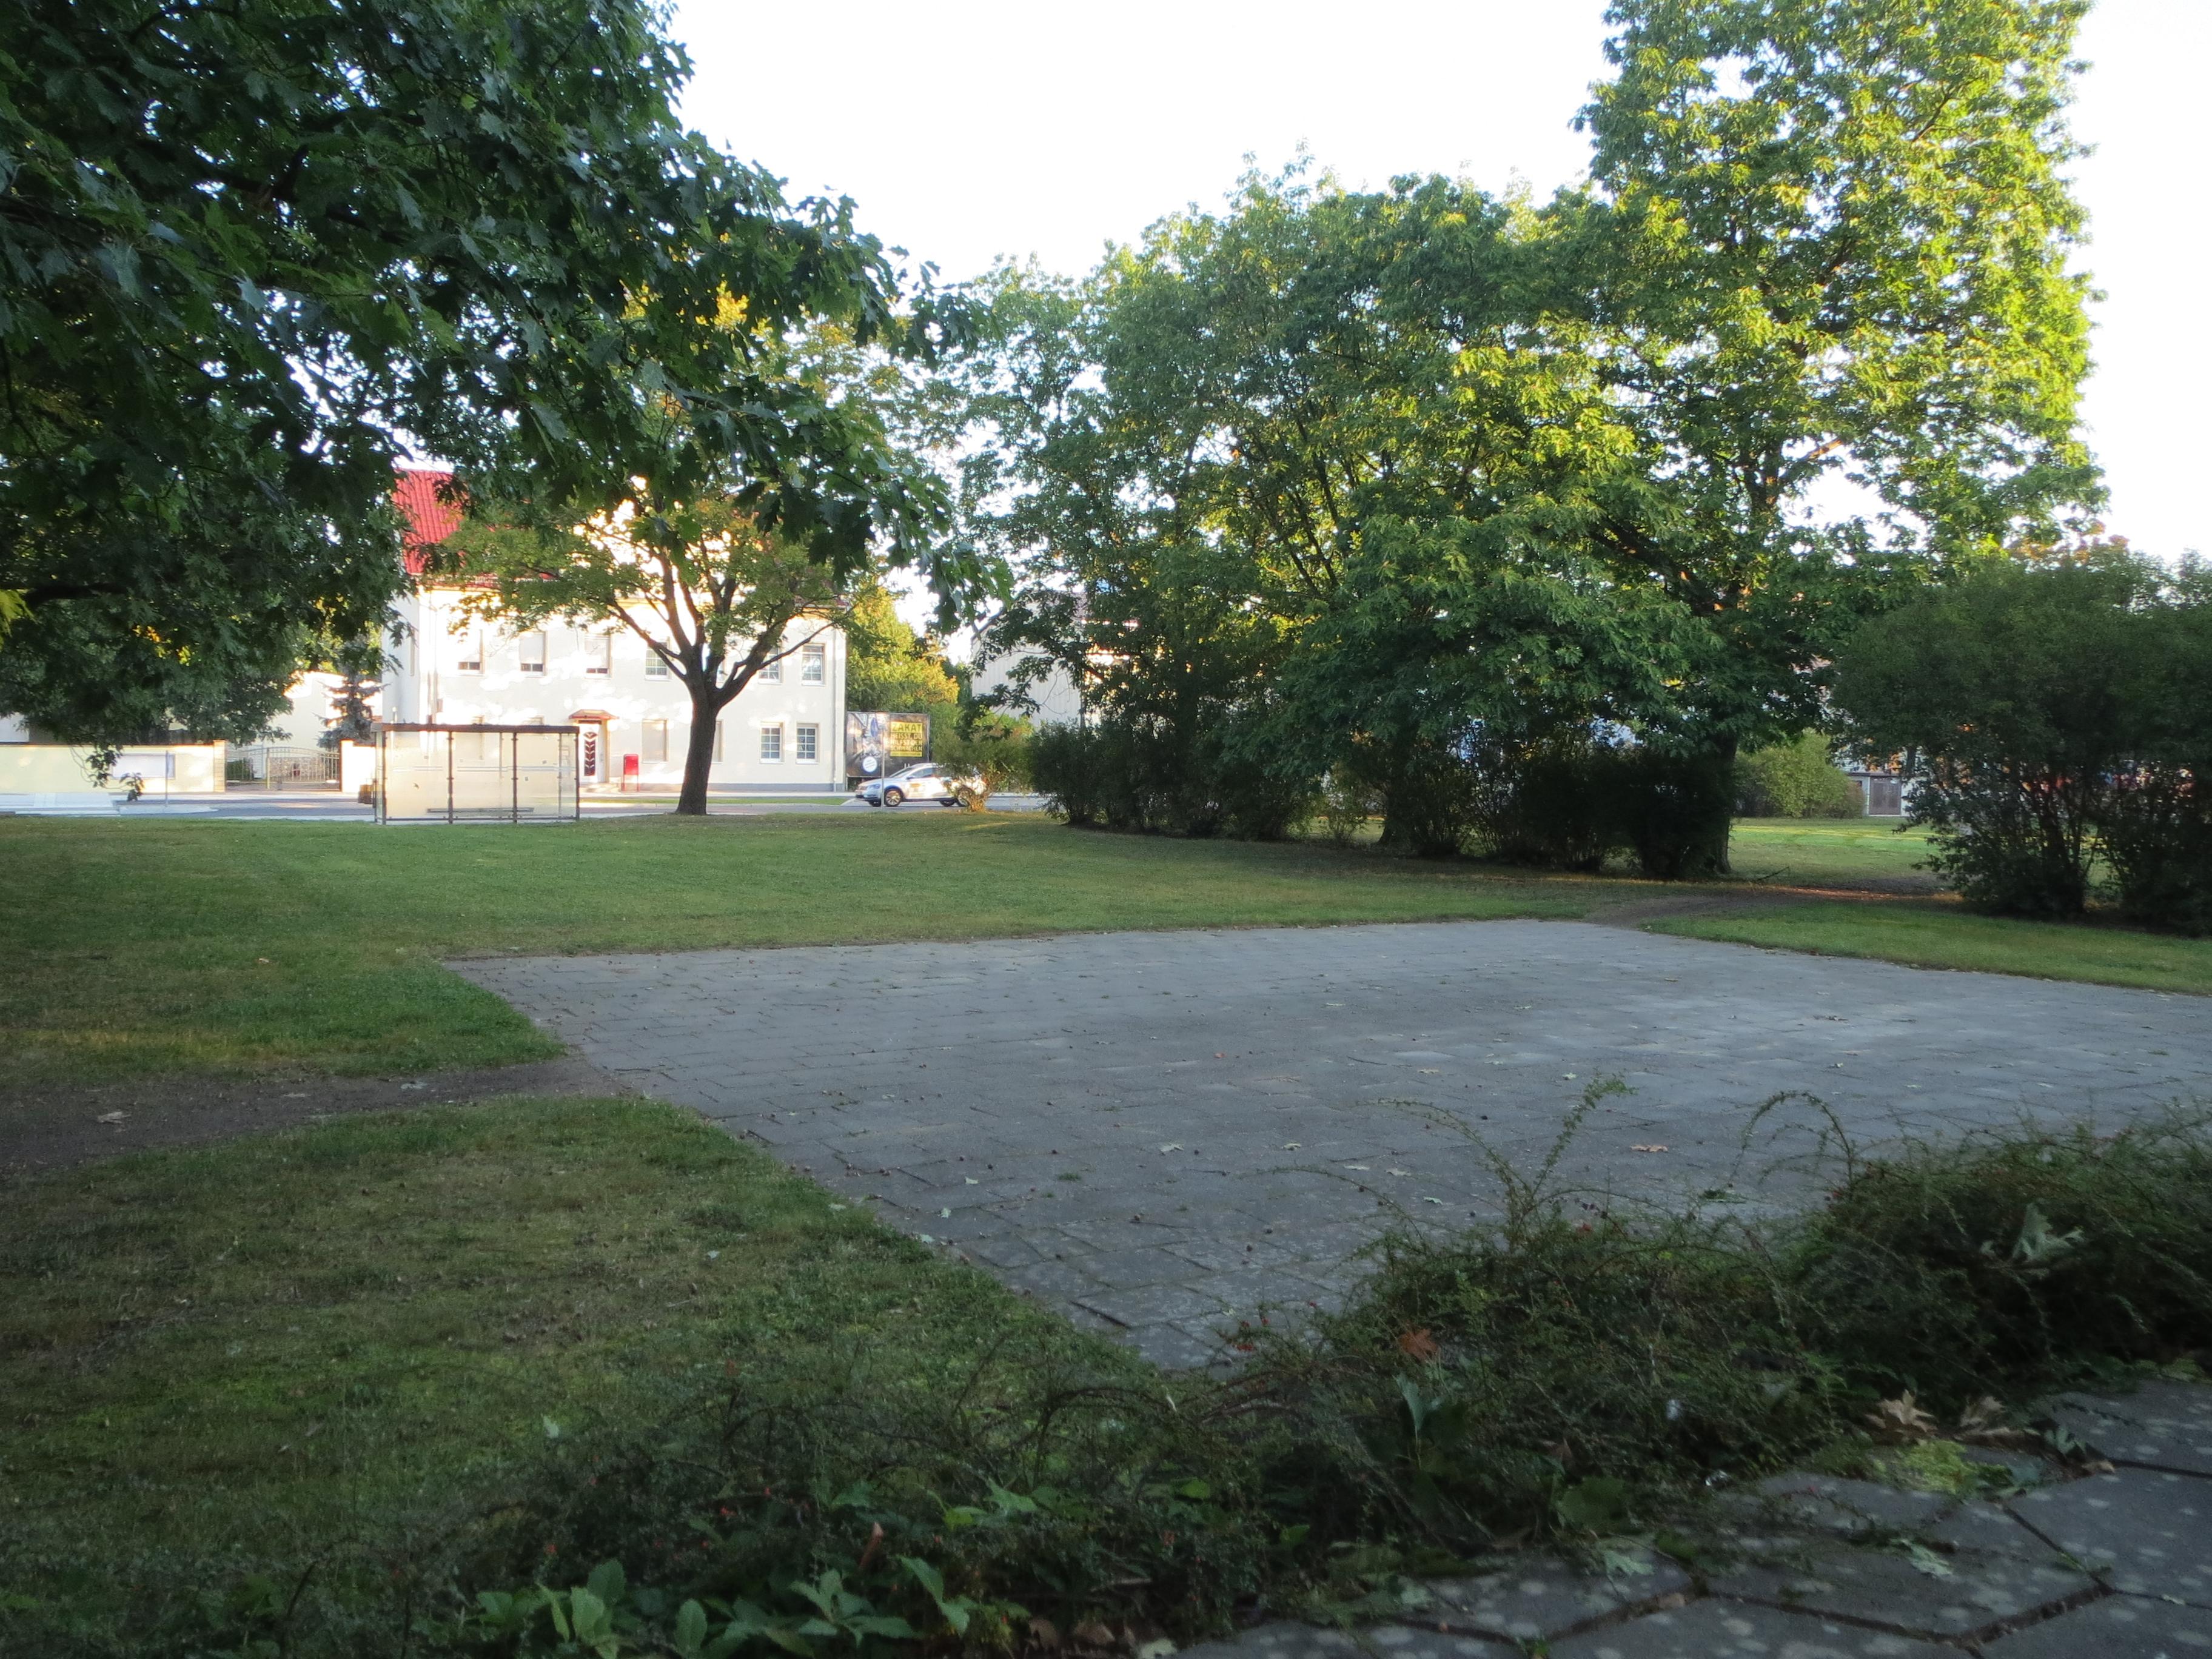 Bereich vor VVN Denkmal